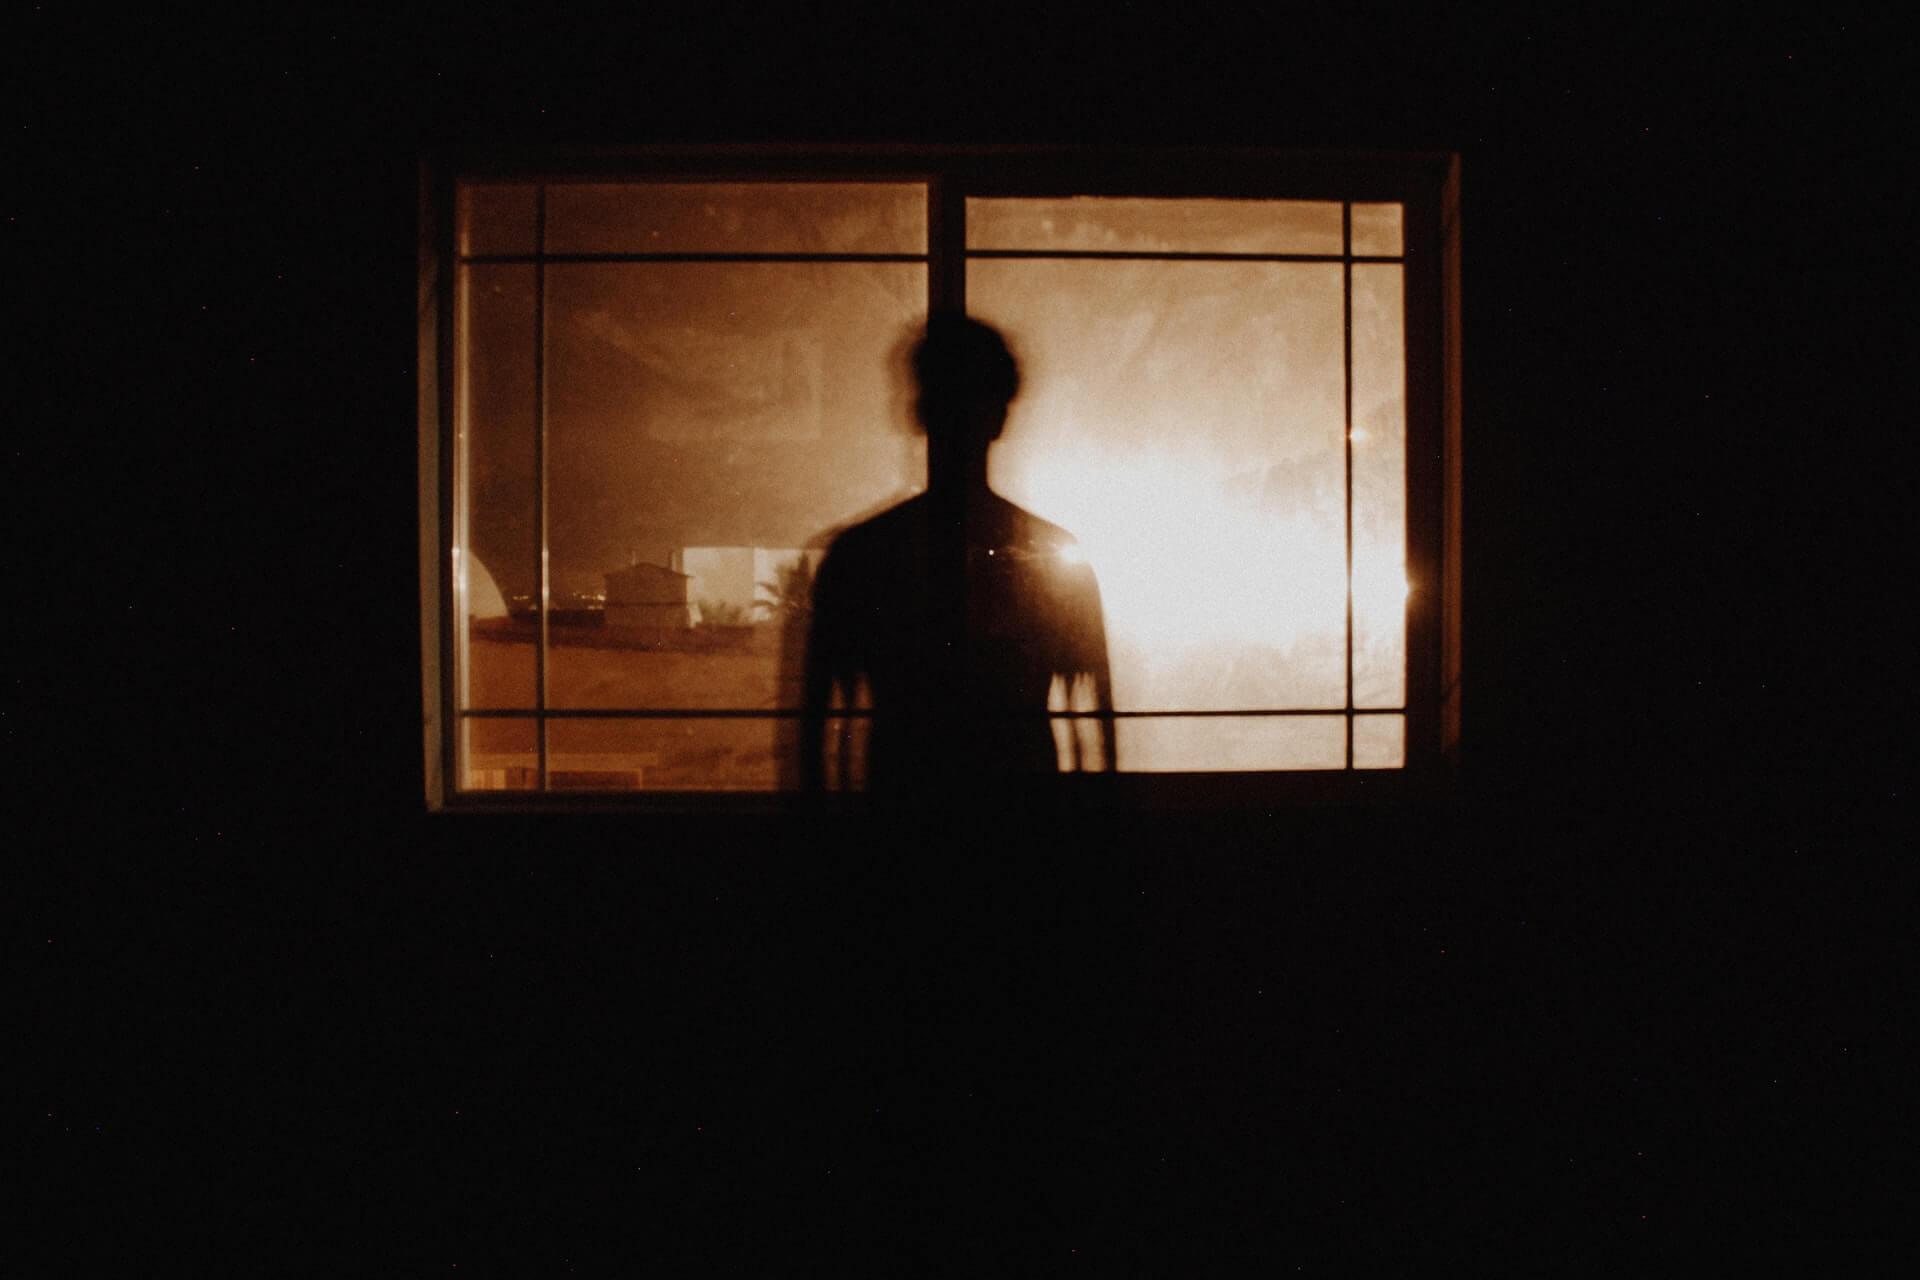 Kontur człowieka stojącego w oknie. Zdjęcie zrobione w sepii.